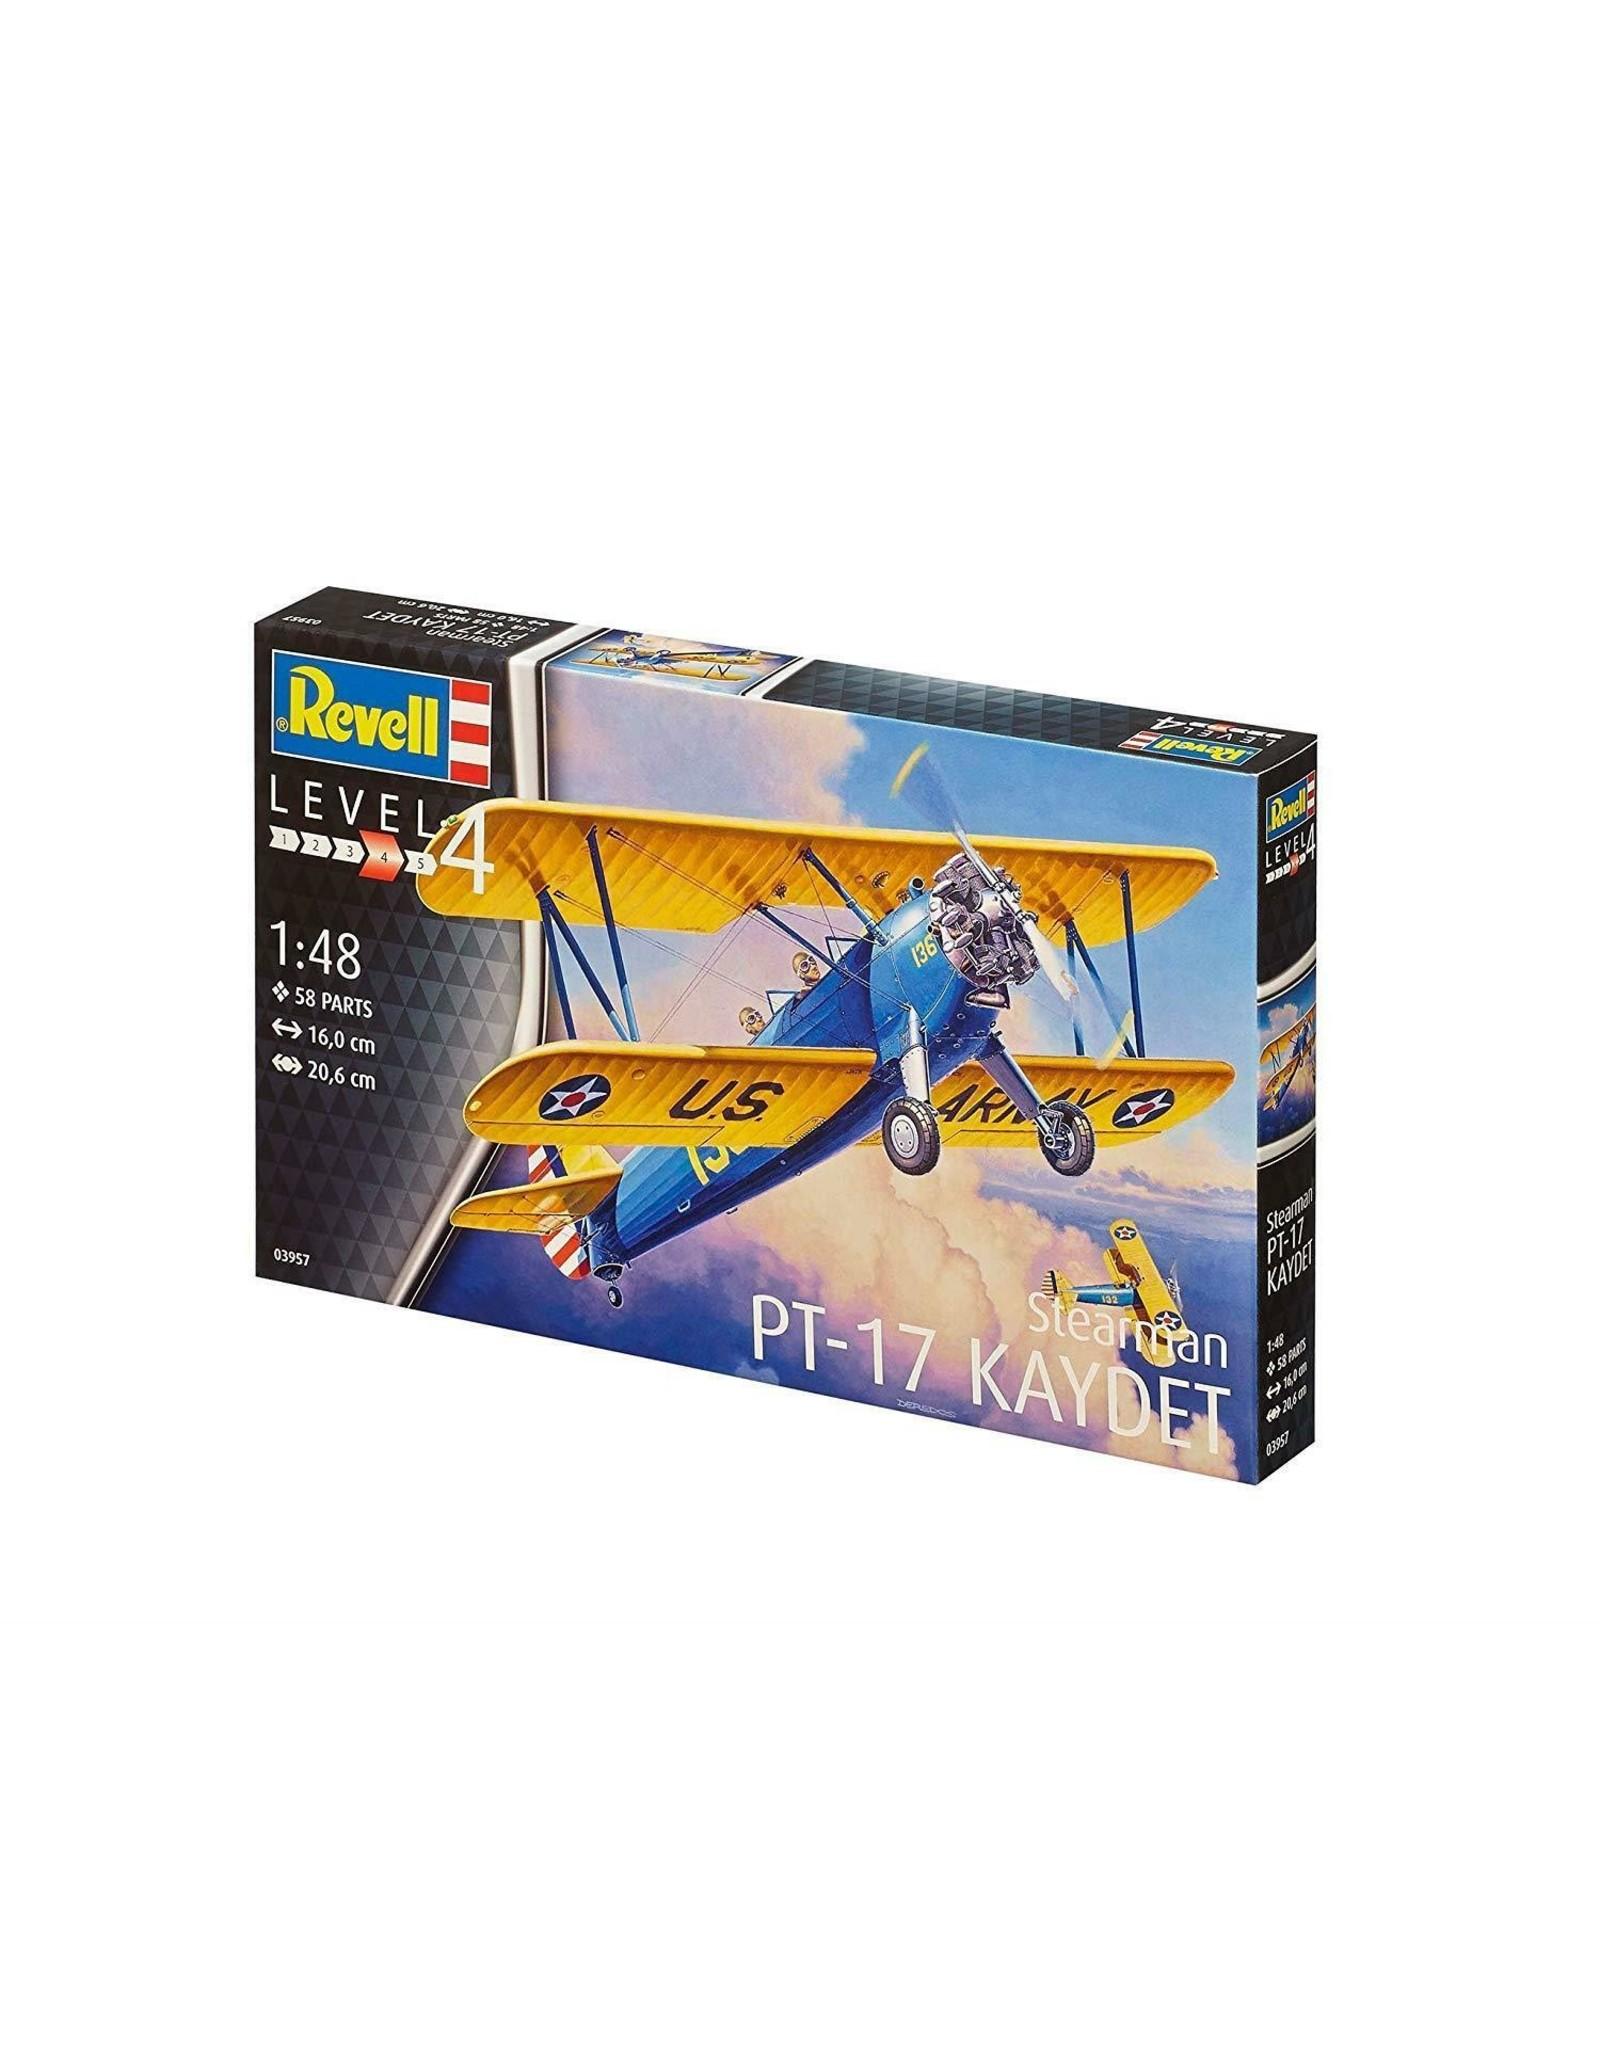 Stearman PT-17 Kaydet - 1:48 - Revell